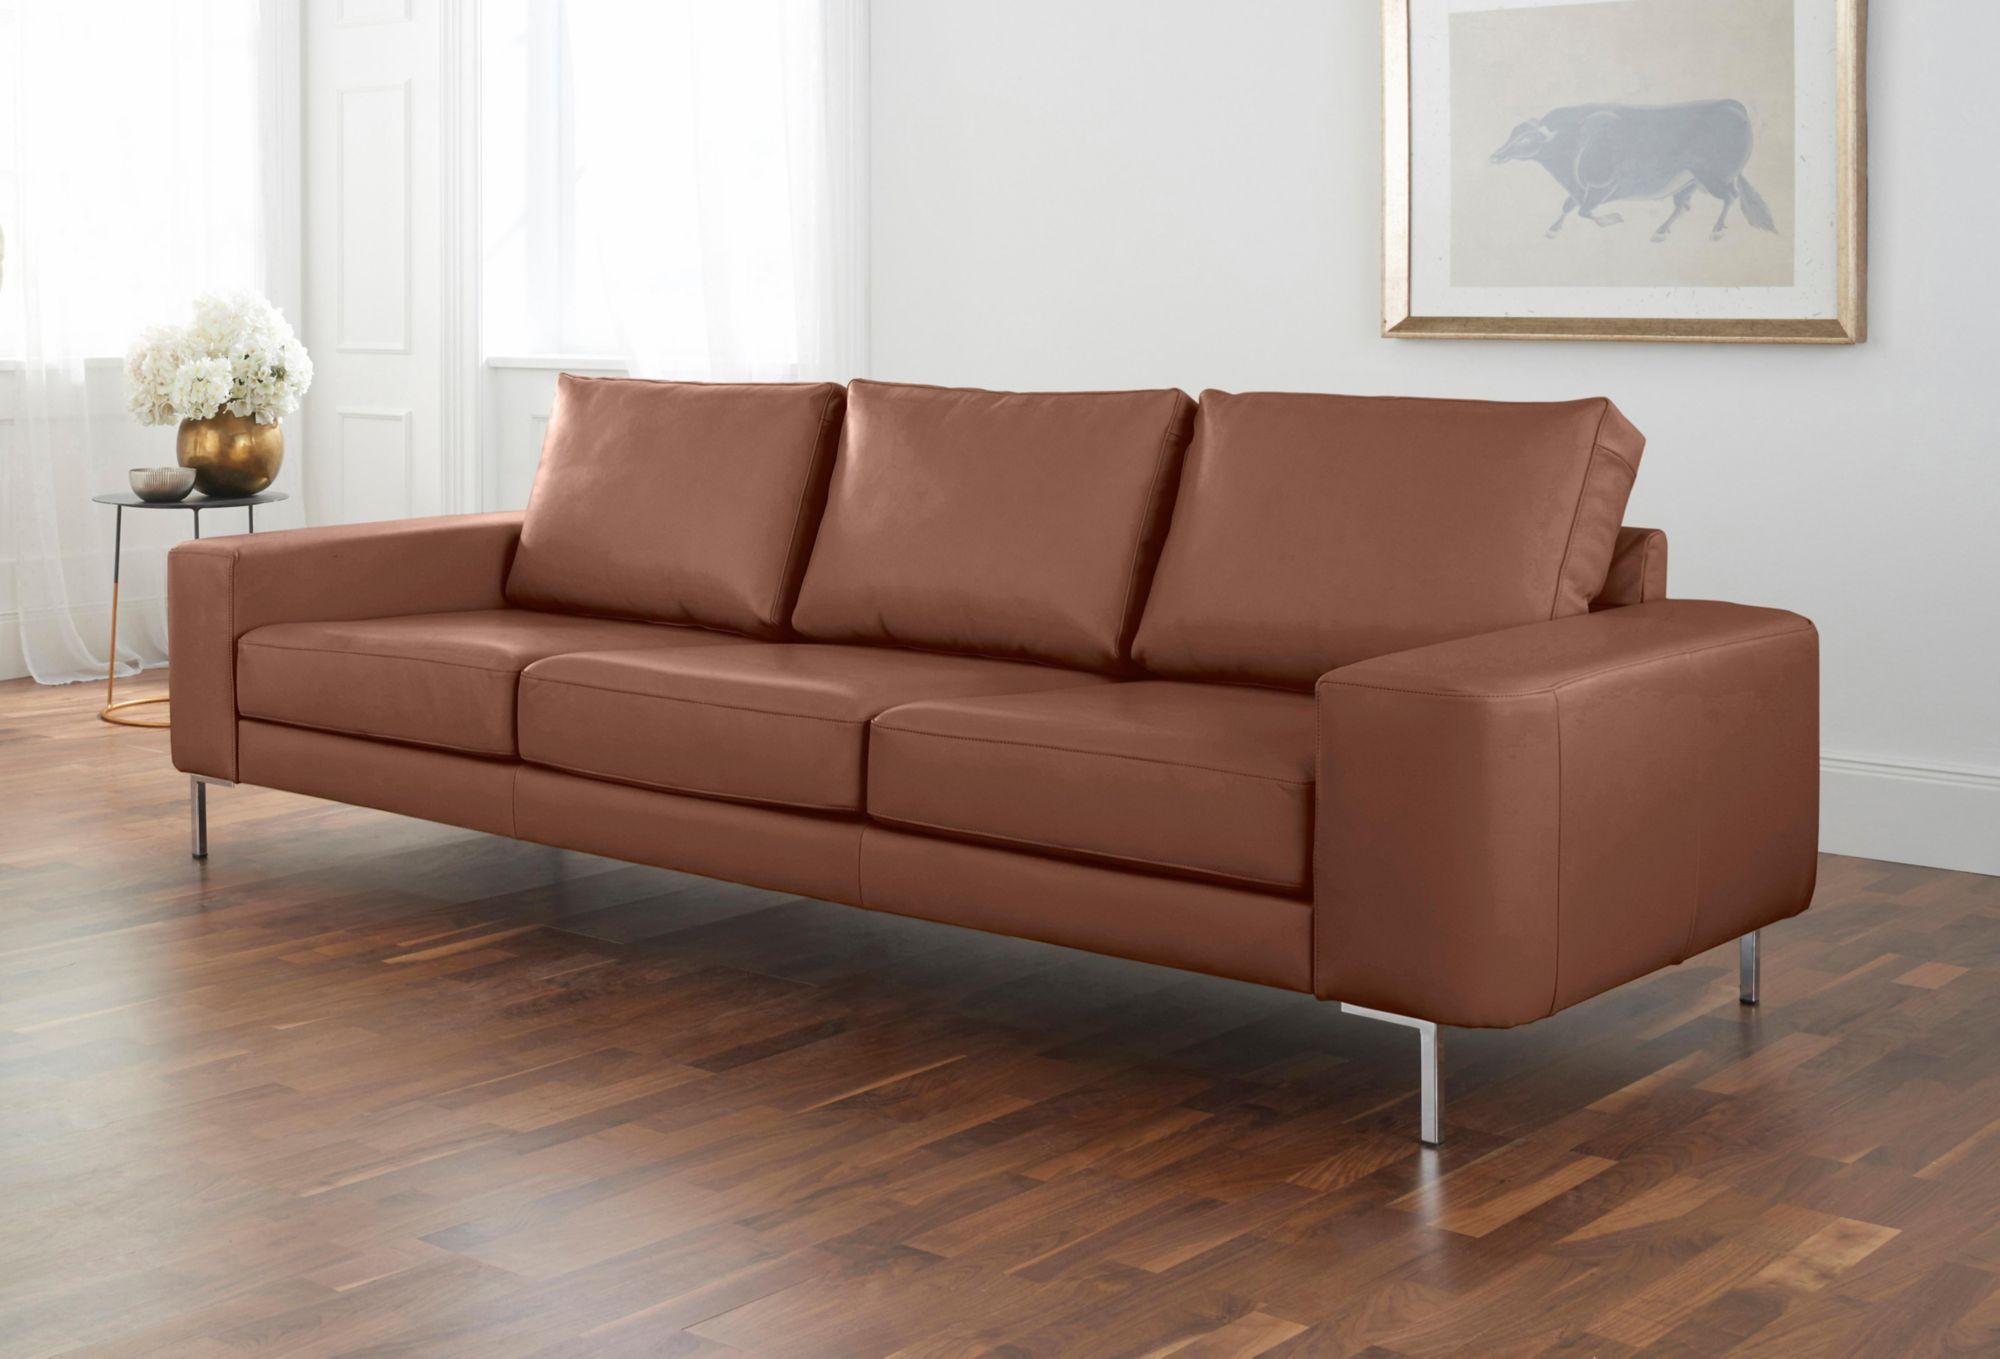 ALTE GERBEREI Alte Gerberei 3-Sitzer Sofa »Lexgaard« mit großer Bodenfreiheit, inklusive Rückenkissen